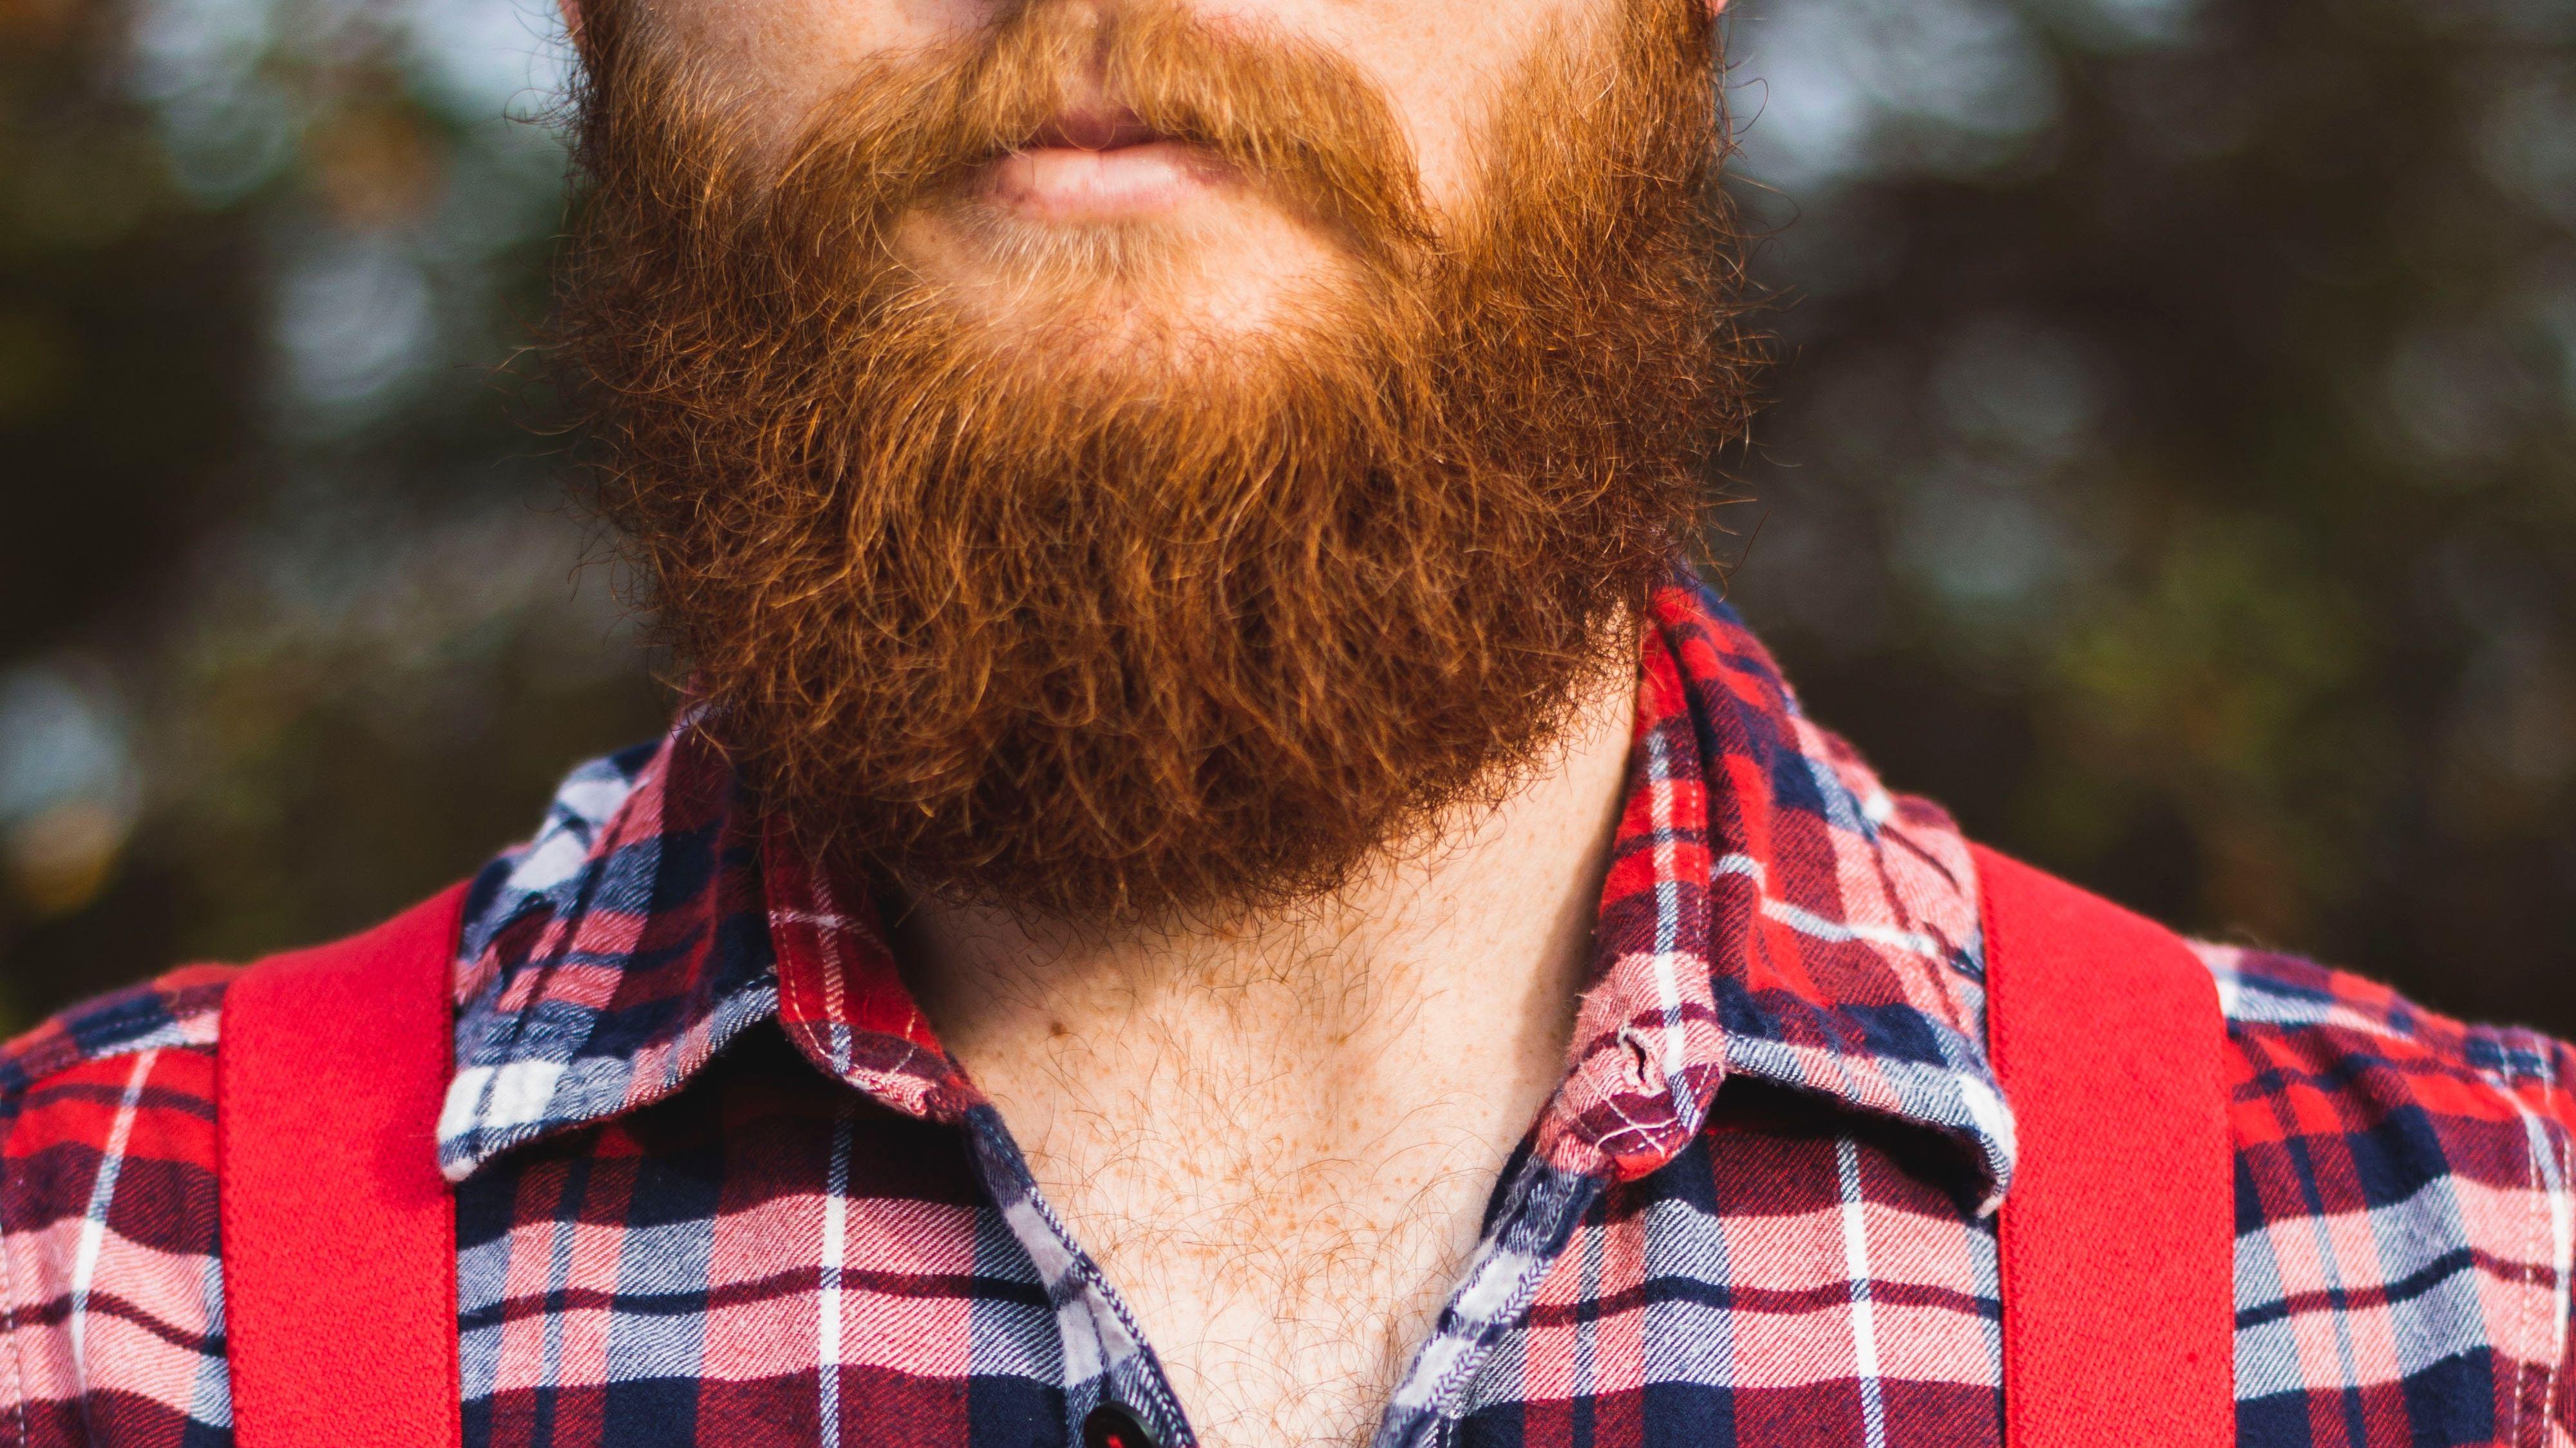 Mann mit Bart, Holzfällerhemd und roten Hosenträgern (Ausschnitt)